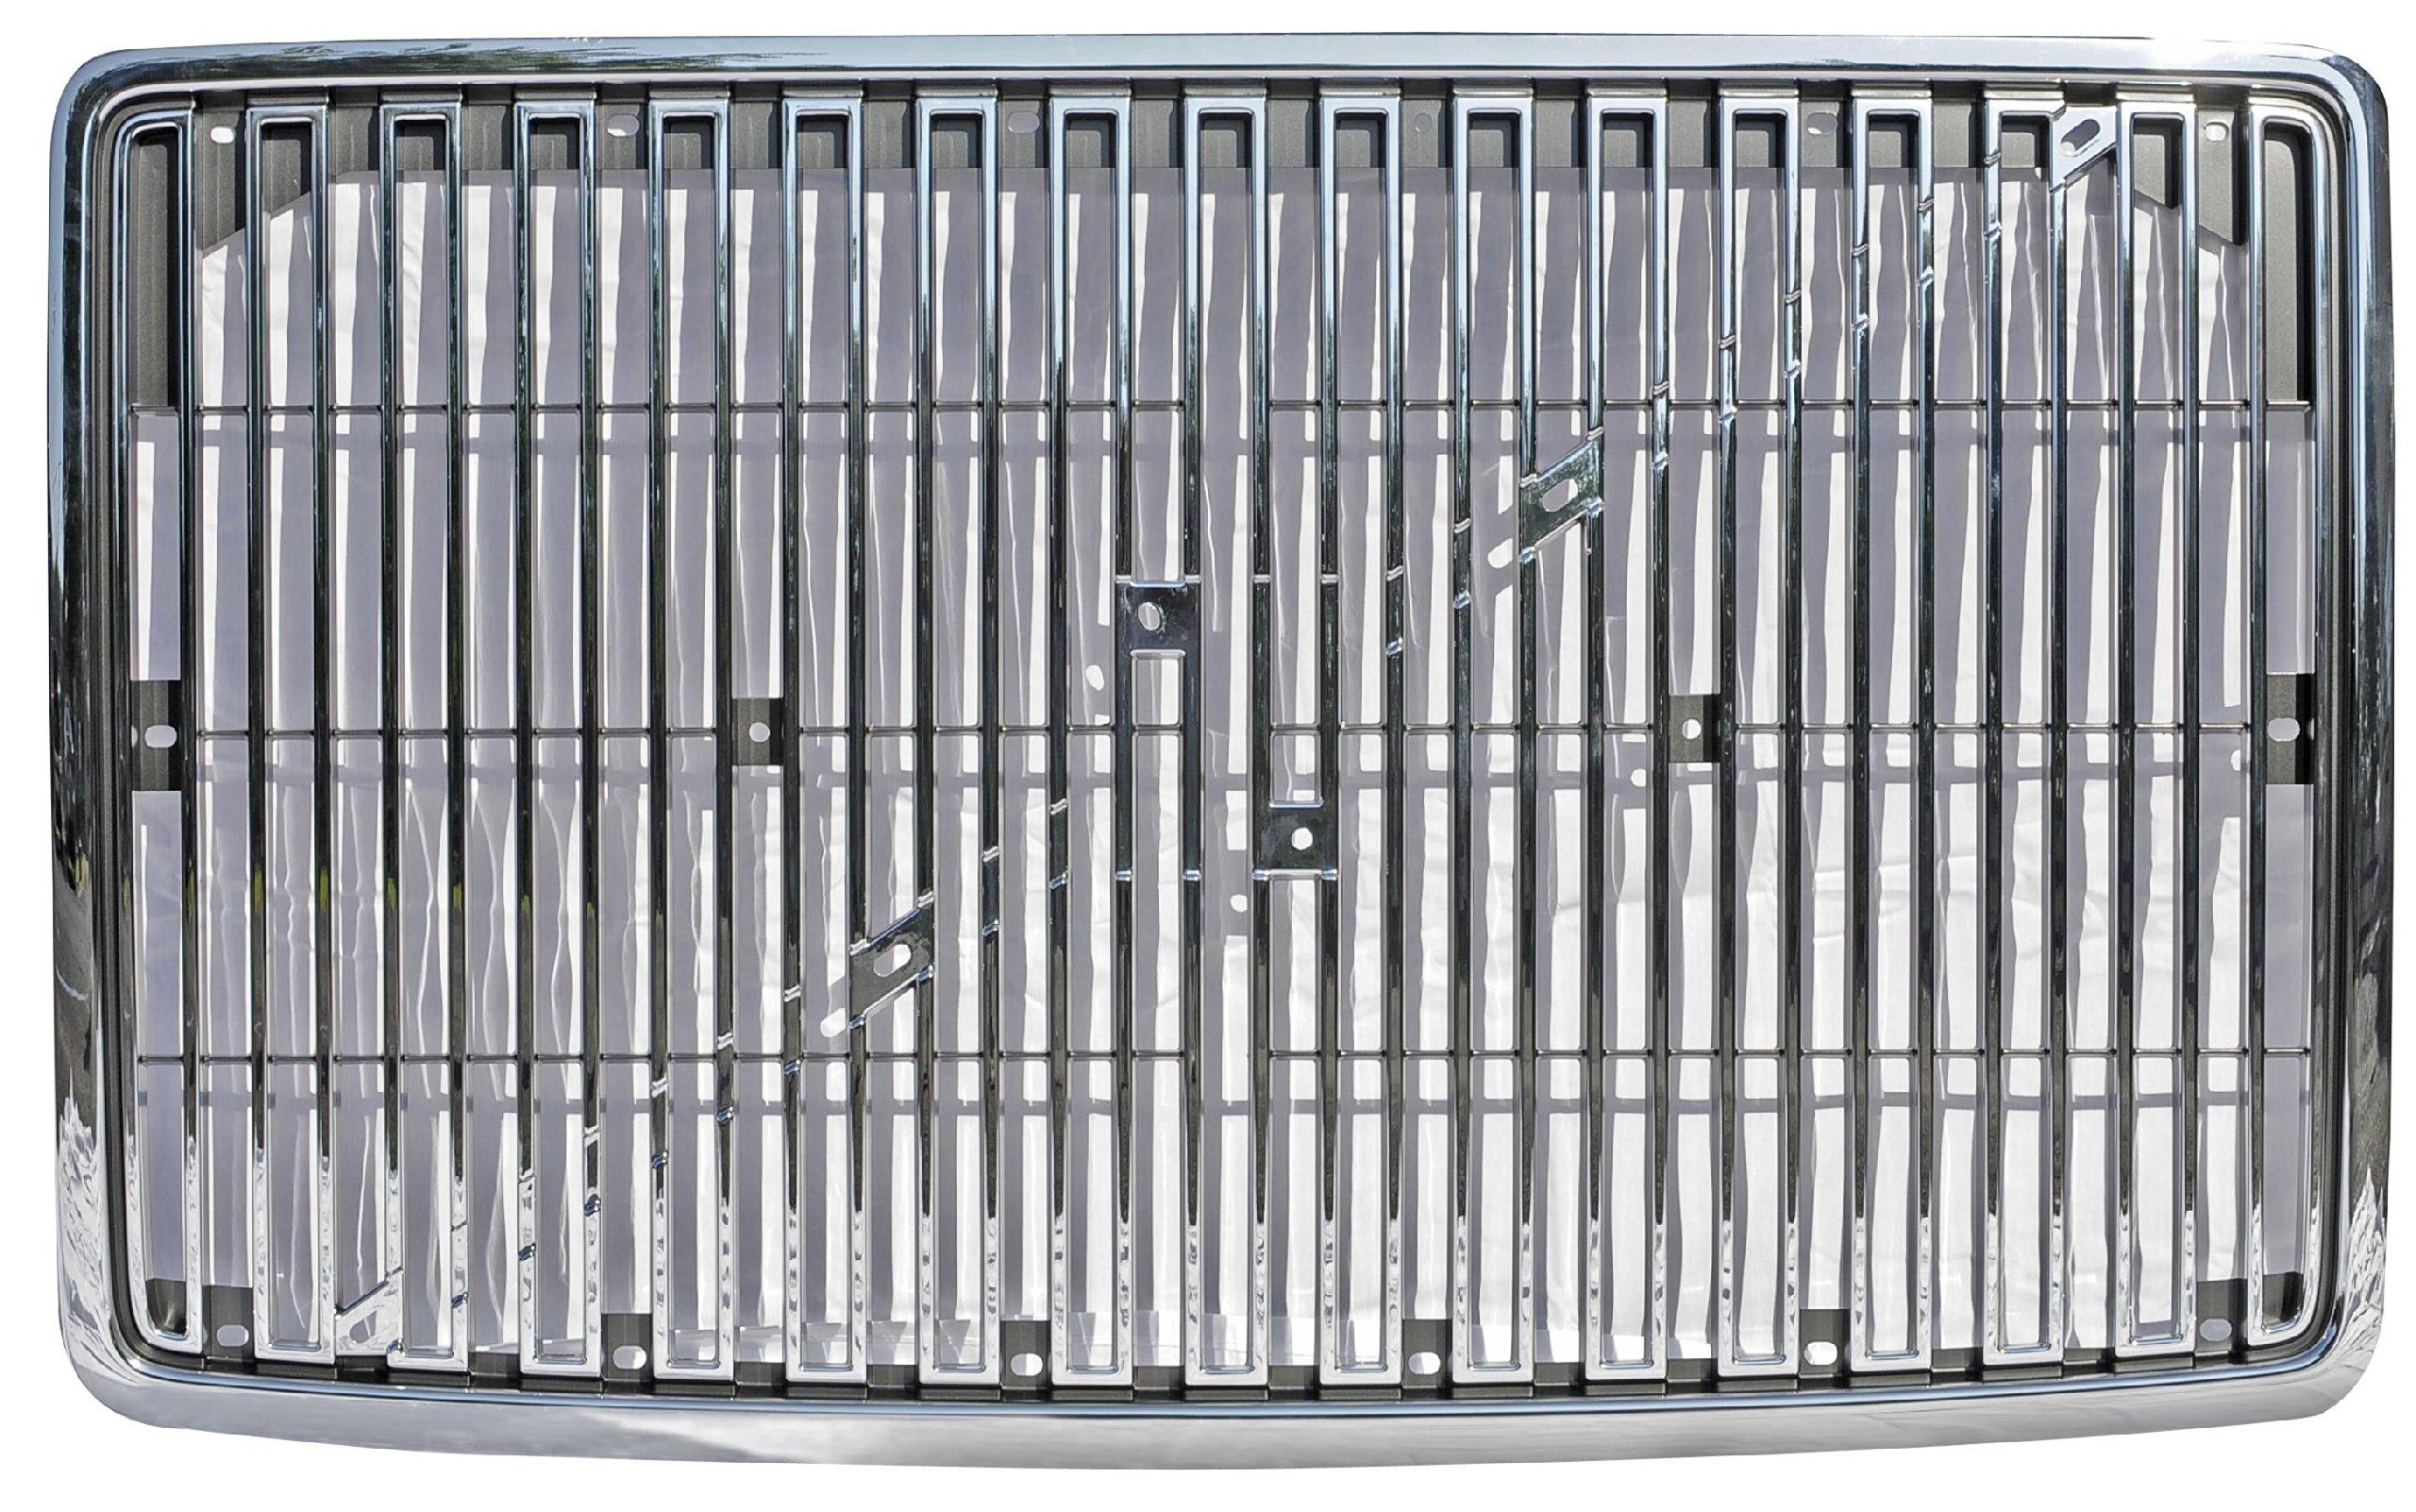 Dorman 242-5513 Volvo Radiator Grille